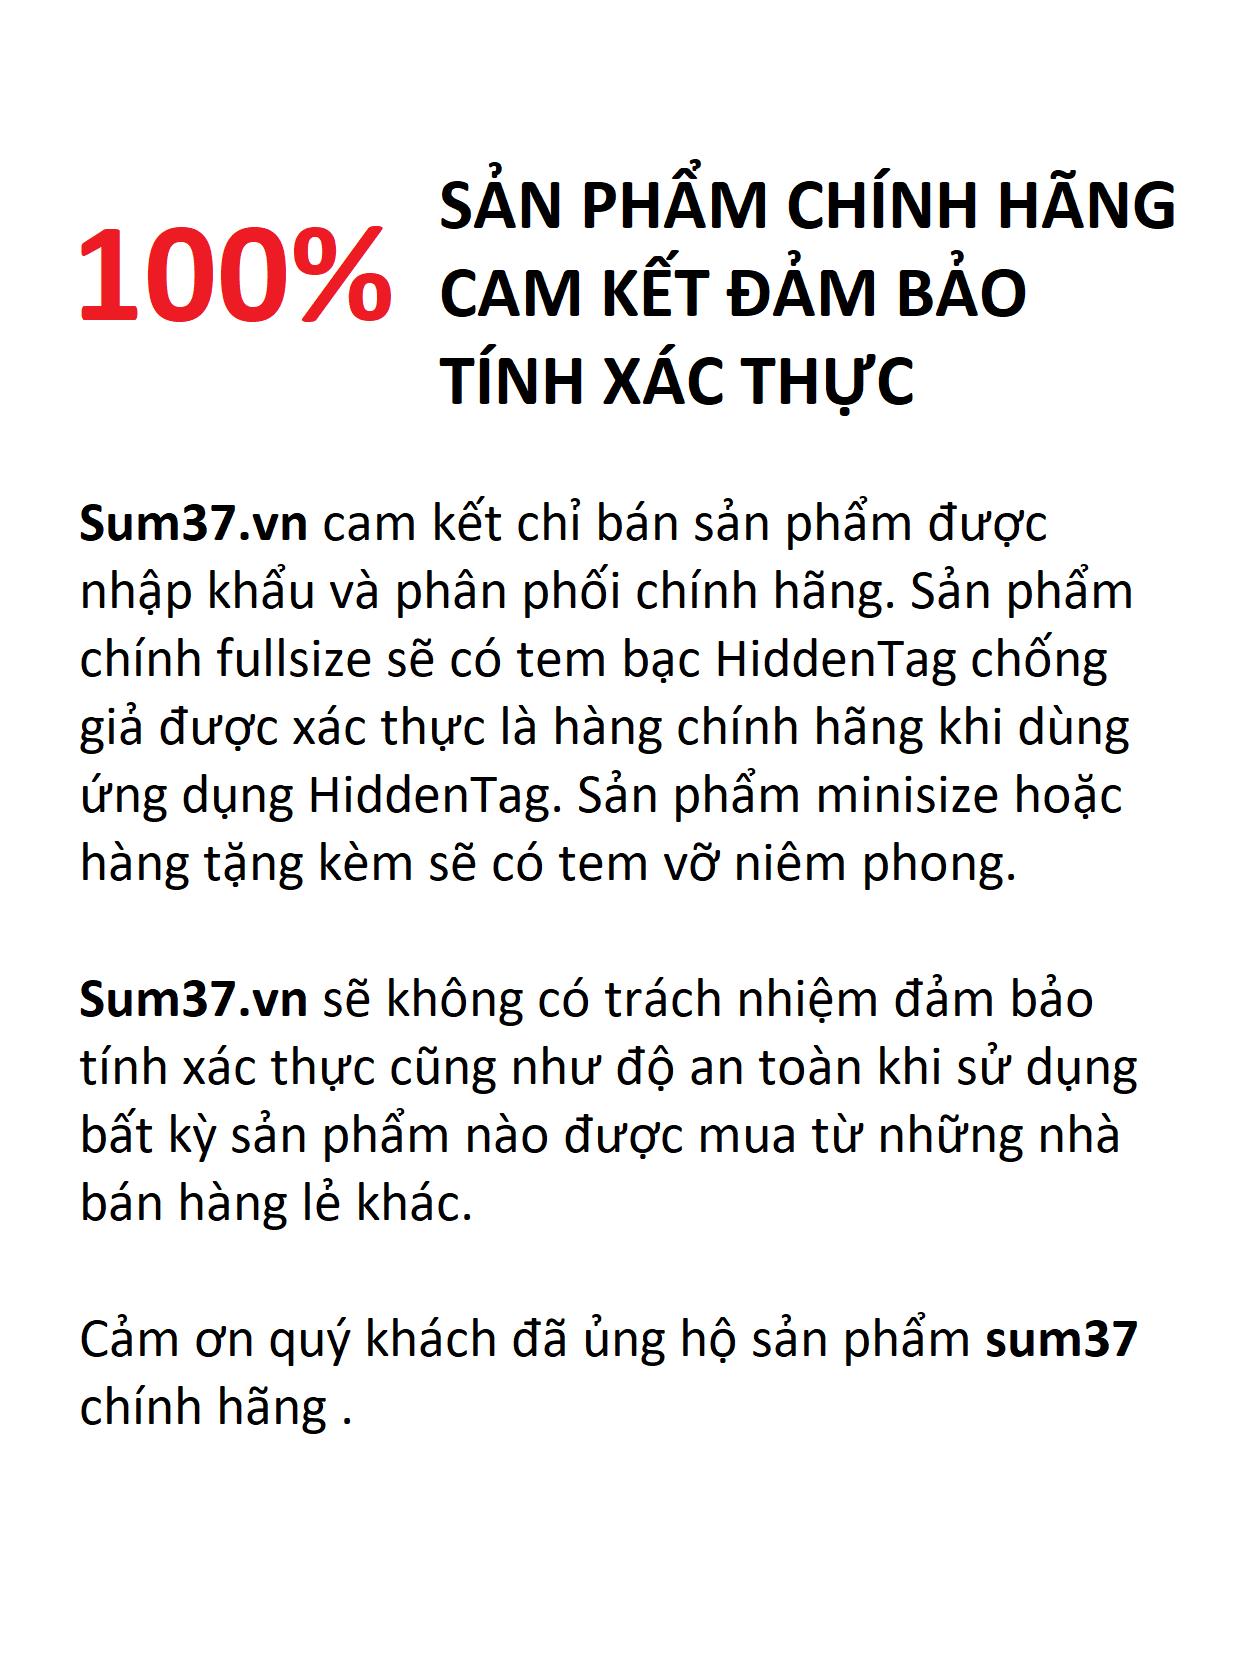 Sản phẩm Sum37 Losec summa mini 5pcs khuyến mại TẶNG KÈM CHO ĐƠN MUA HÀNG FULL SIZE GIÁ 5 TRIỆU